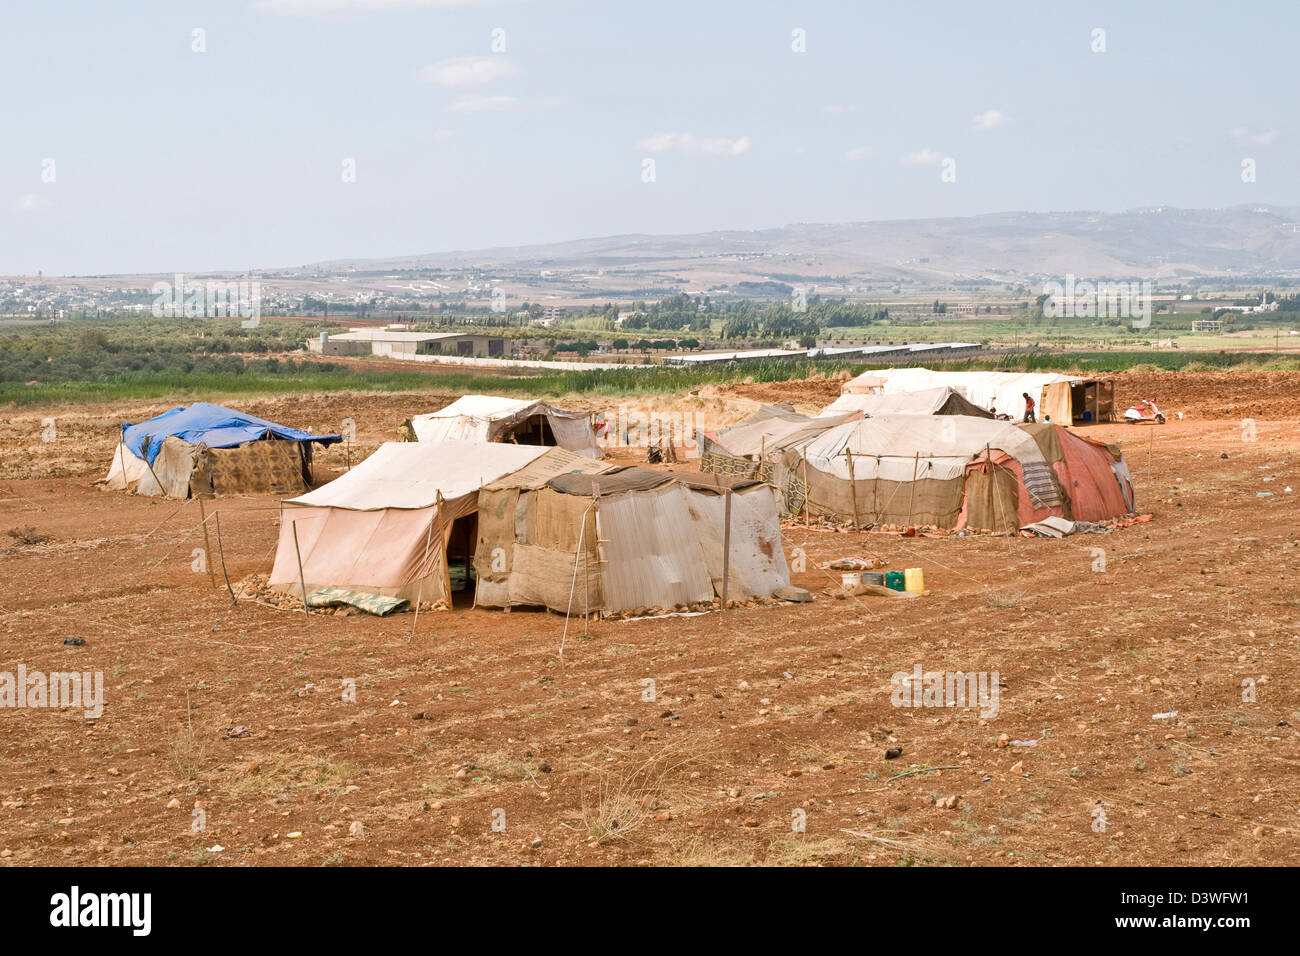 Un village de tentes pour les réfugiés syriens dans le nord de la région de Wadi Khaled libanais, Photo Stock